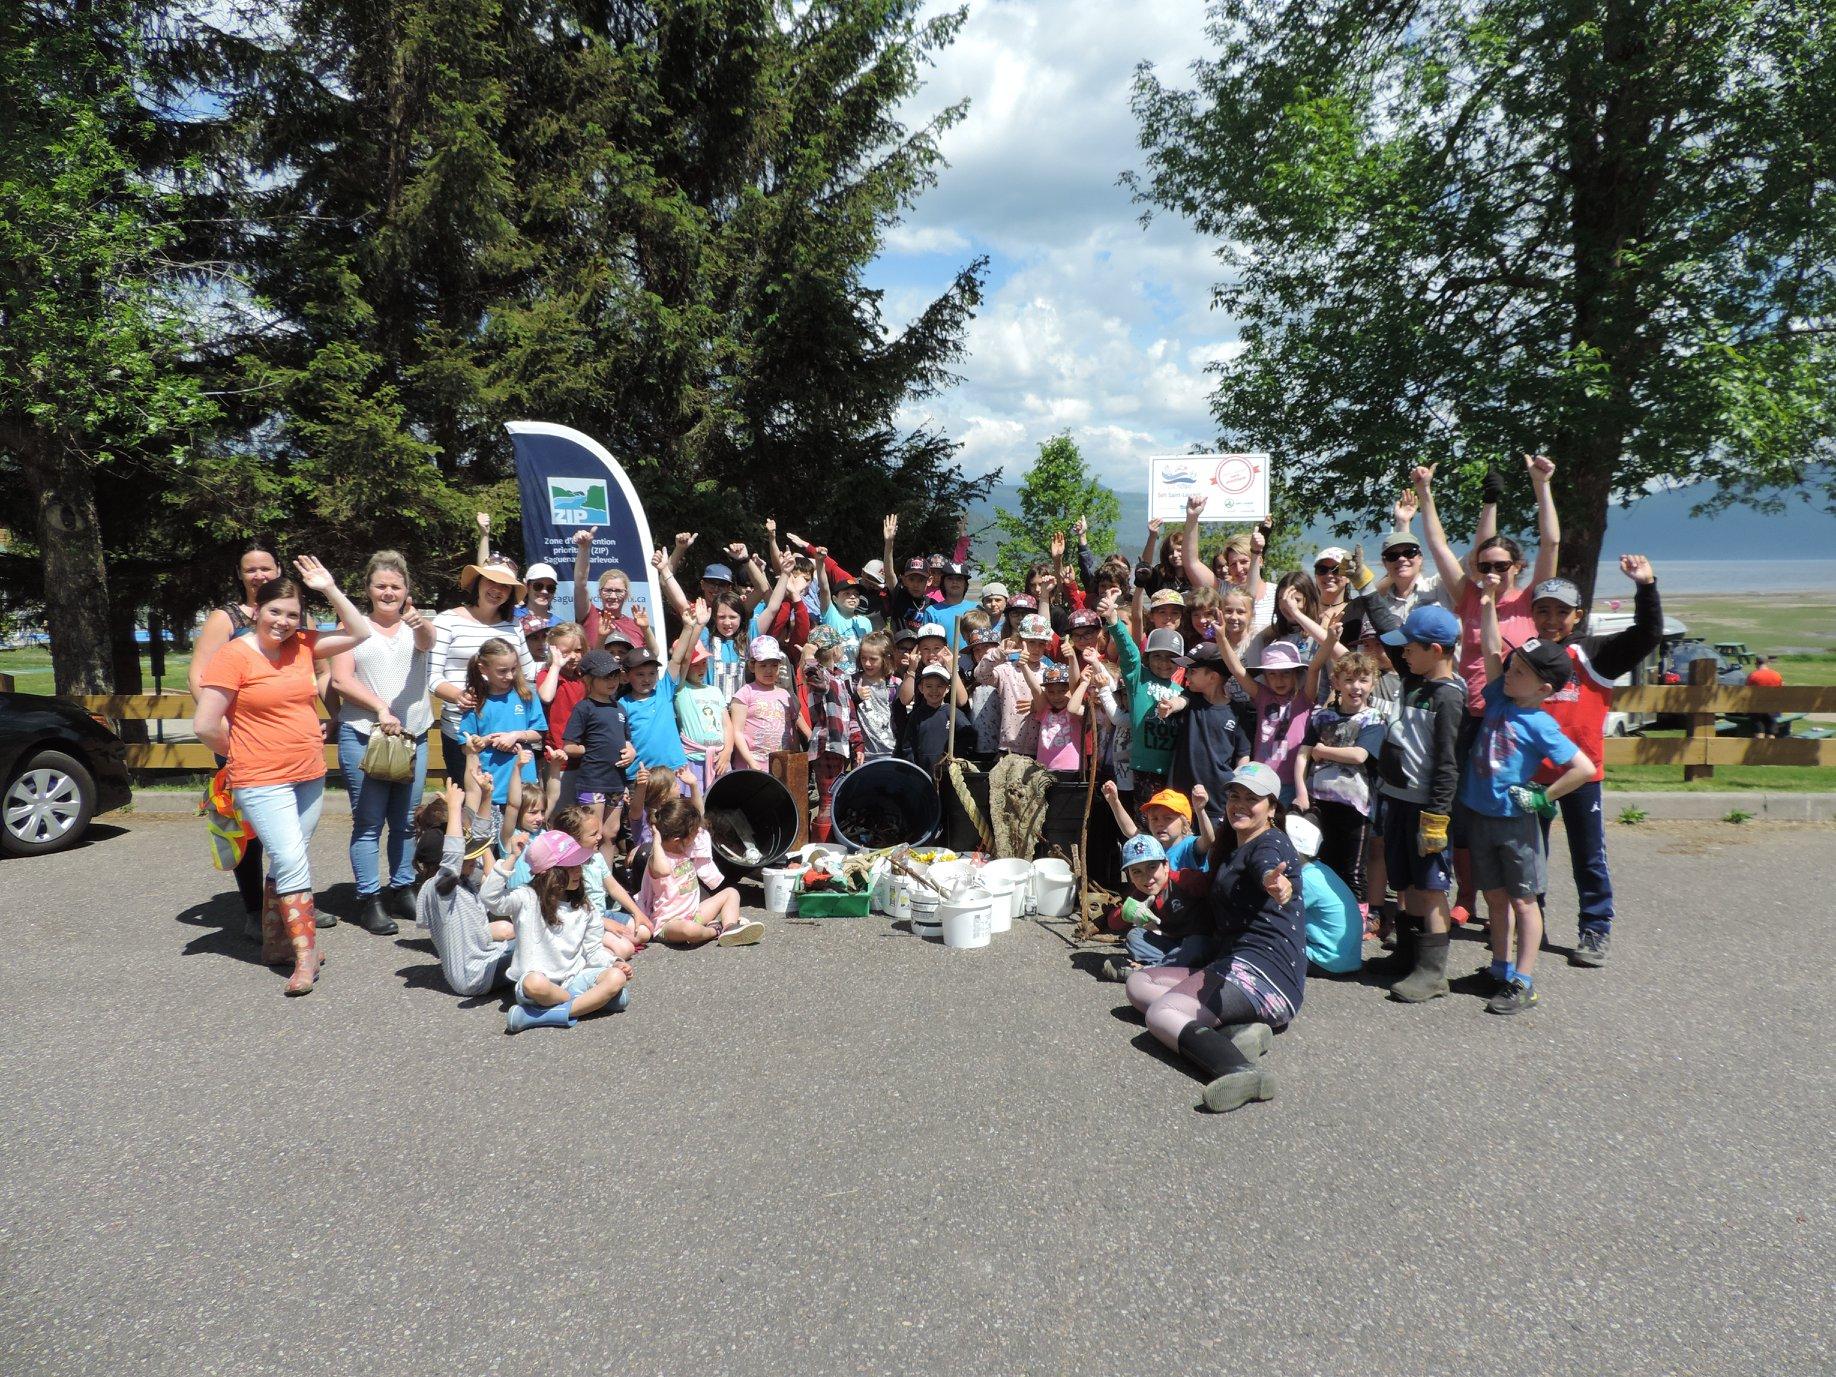 Activité de nettoyage des berges de la rivière Saguenay